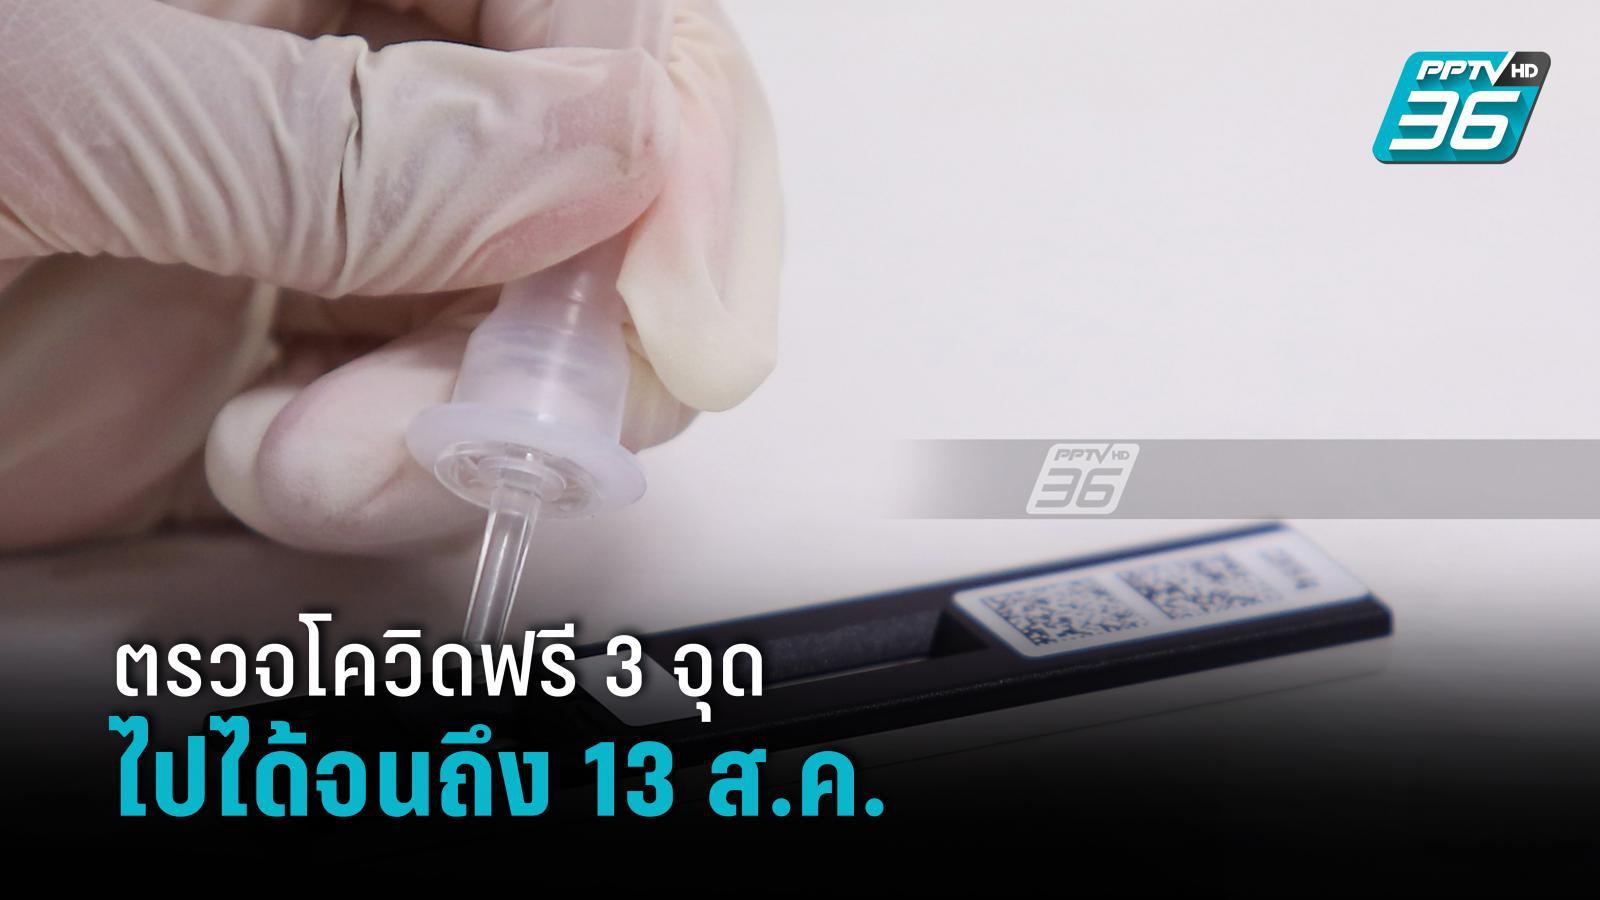 อัพเดท!! จุดตรวจโควิดฟรีด้วยชุดตรวจ ATK ขยายเวลาให้บริการถึง 13 ส.ค.